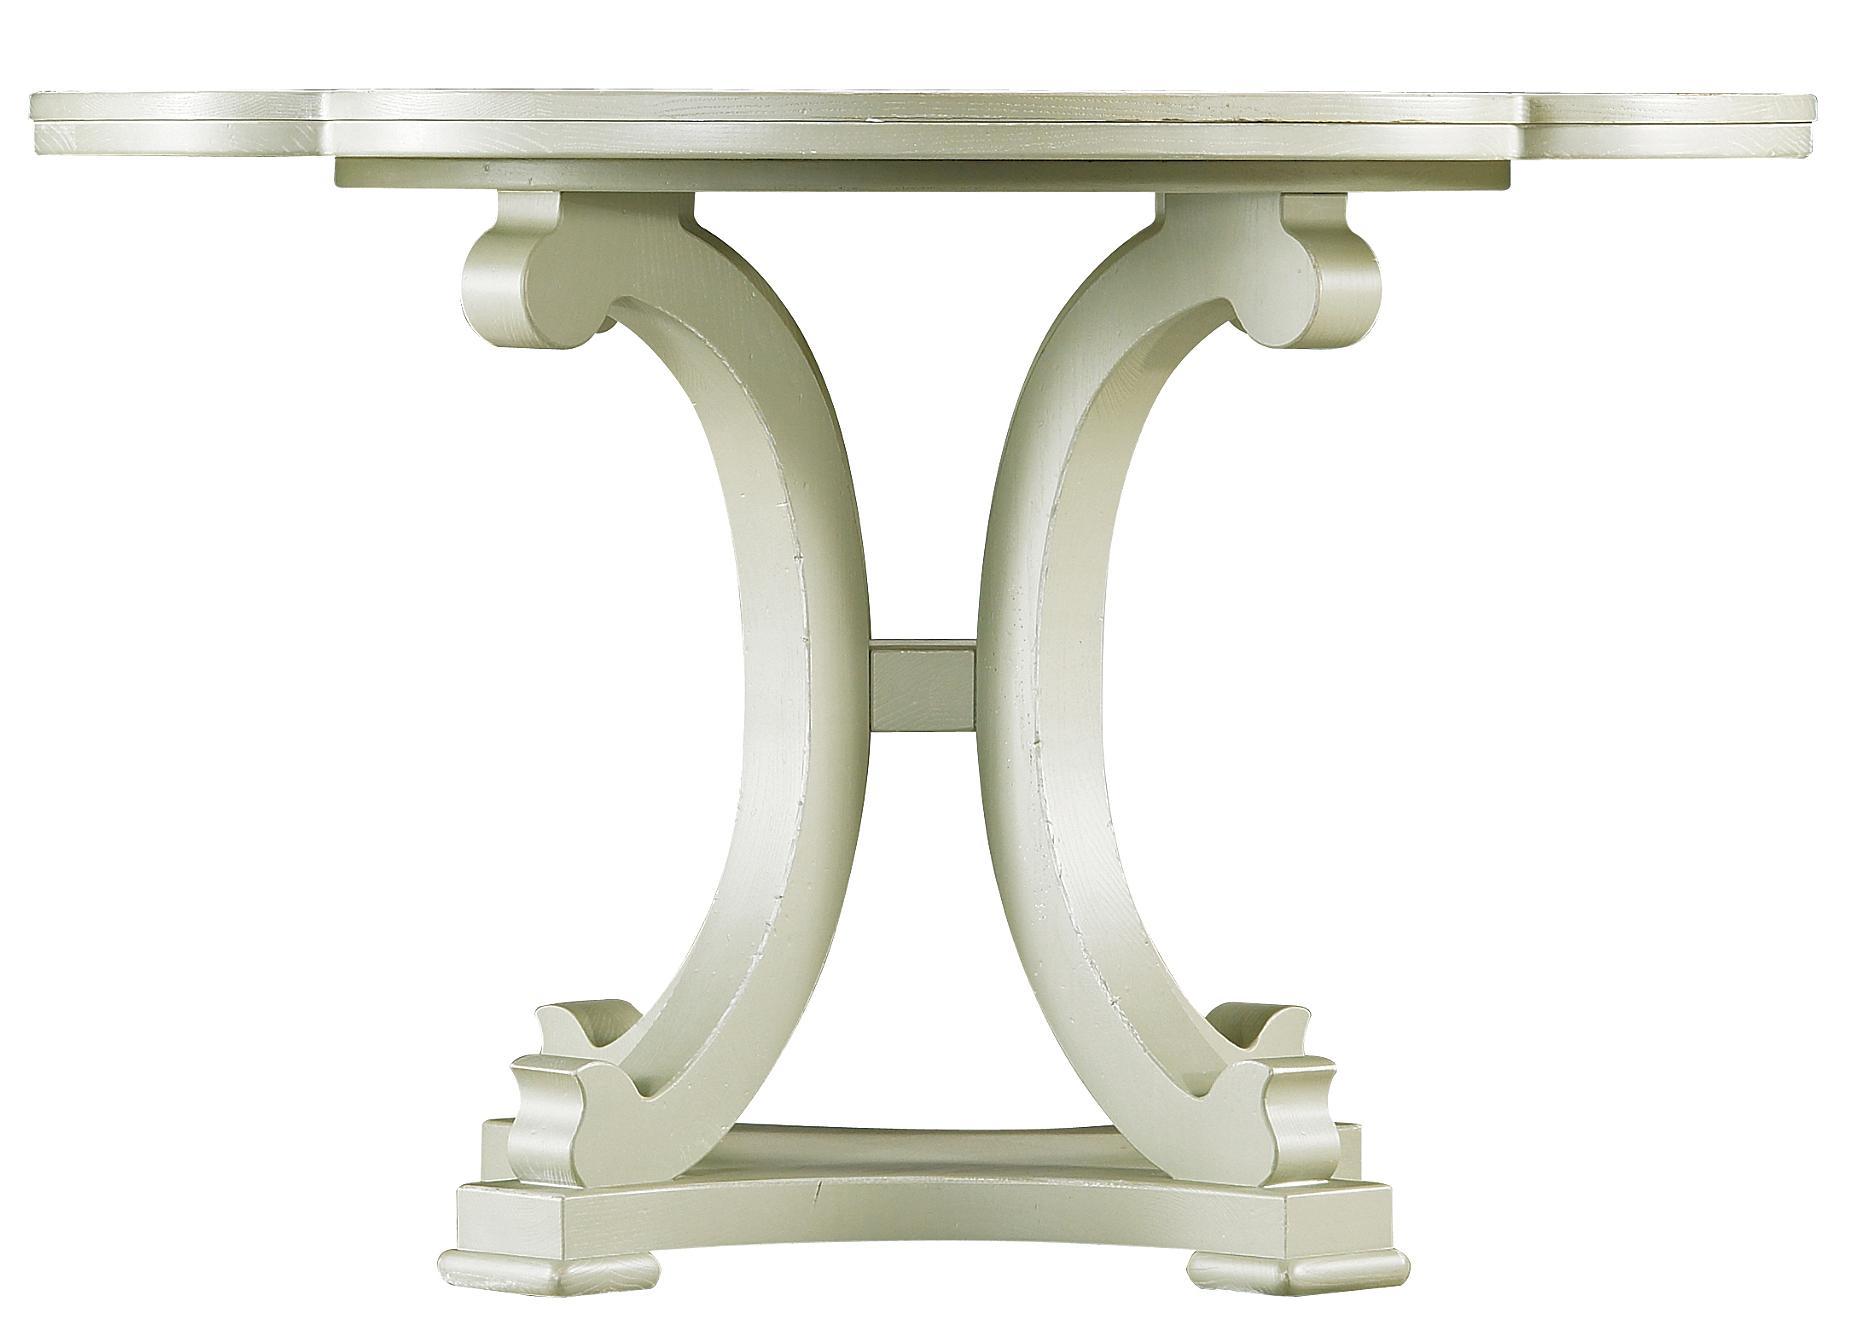 Stanley Furniture Coastal Living Resort Seascape Table - Item Number: 062-E1-34